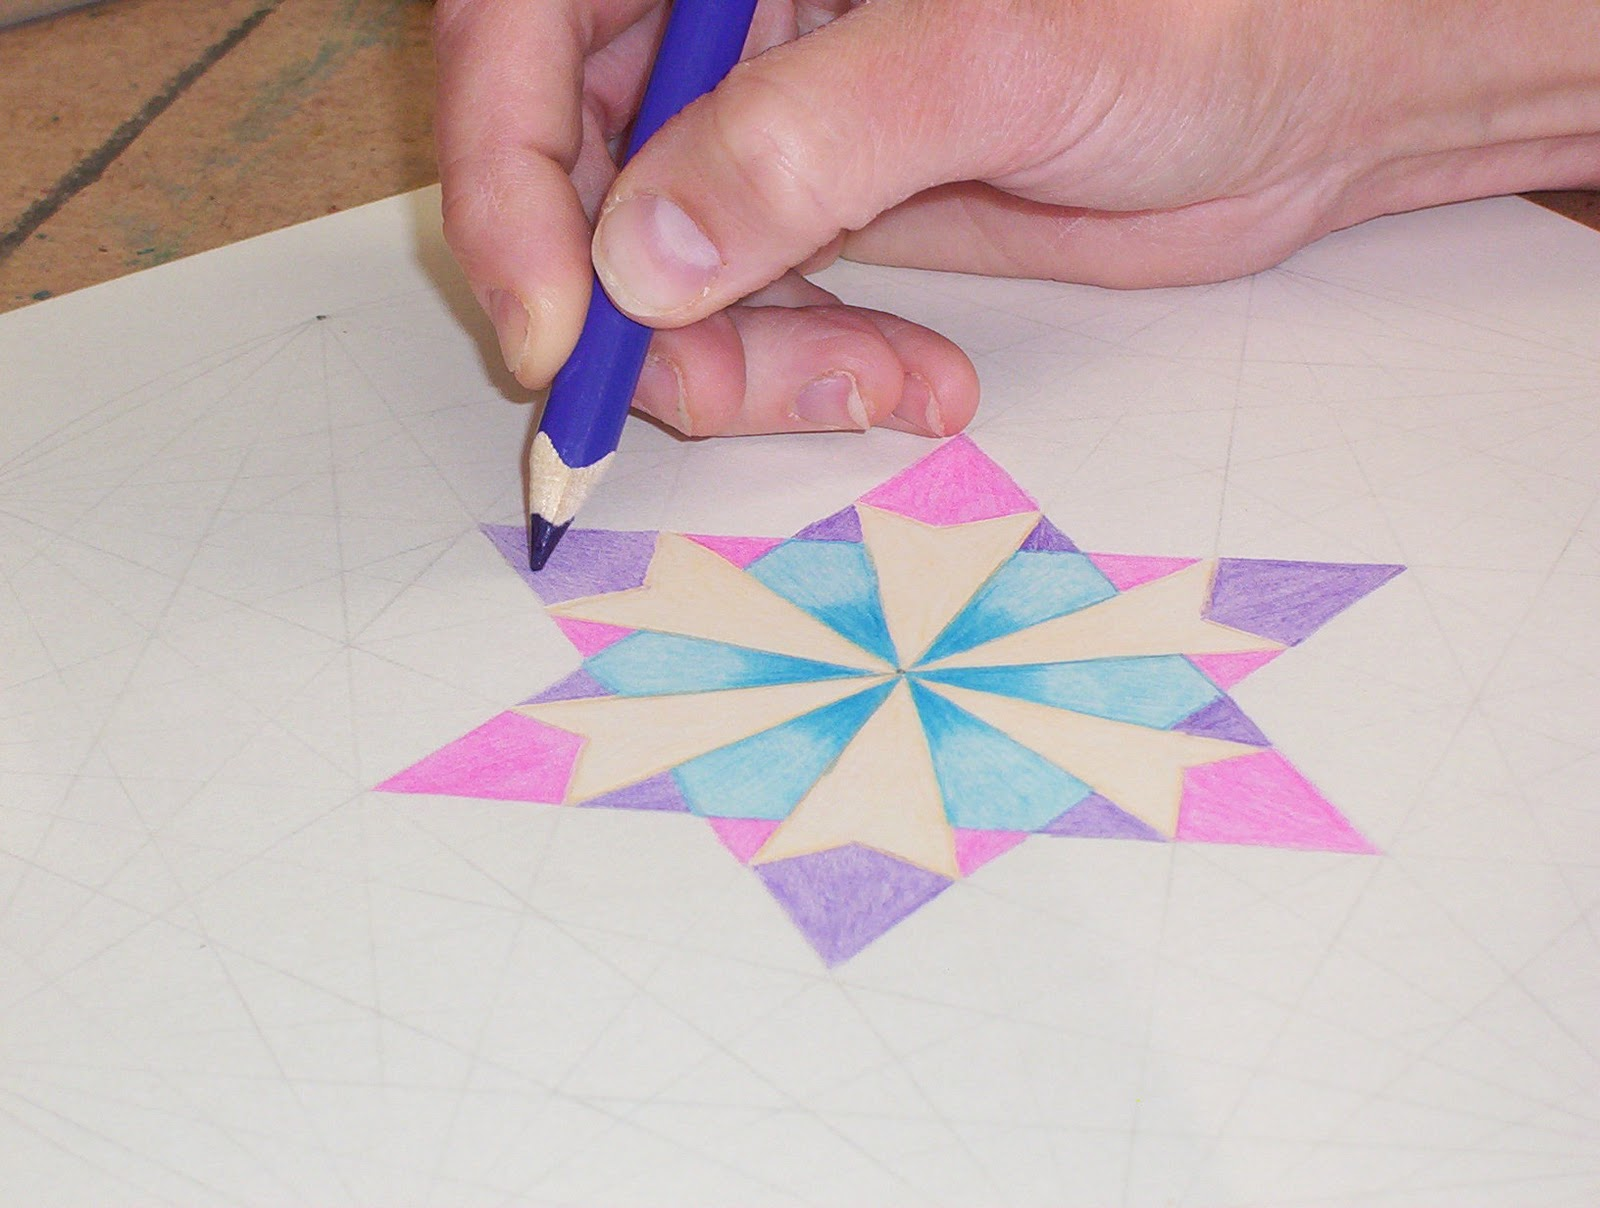 Mandala Kleurplaten Seizoenen.Tekenpraktijk De Innerlijke Wereld Seizoenen Mandala En Keizerskroon